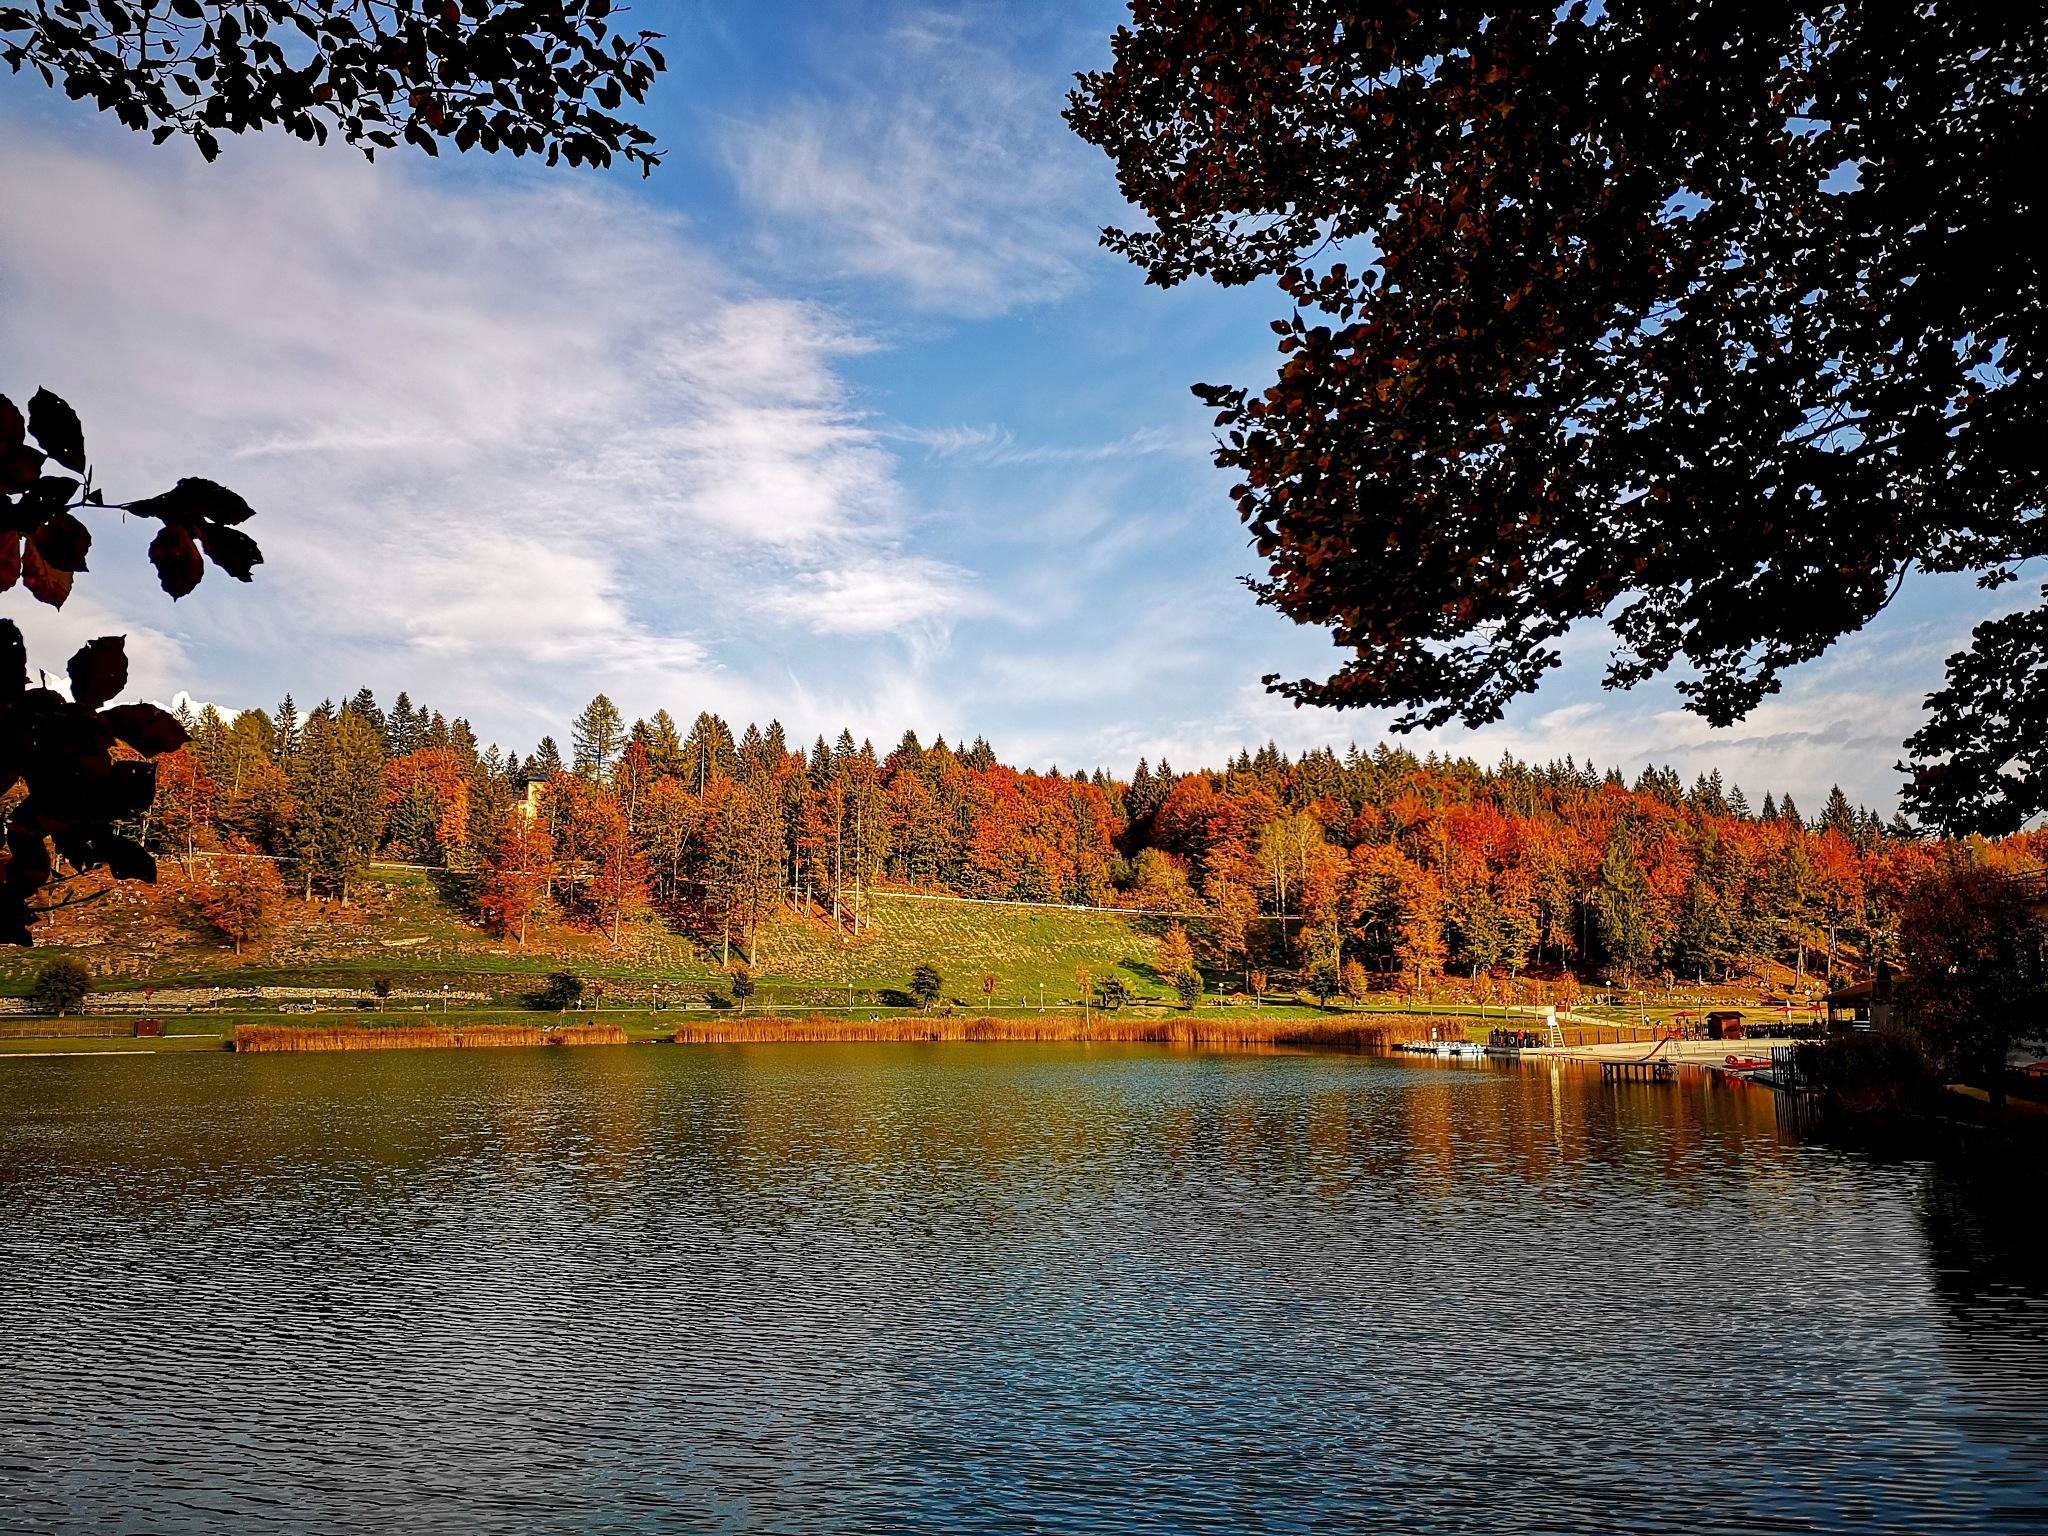 colori d'autunno  by Piergiorgio Martini